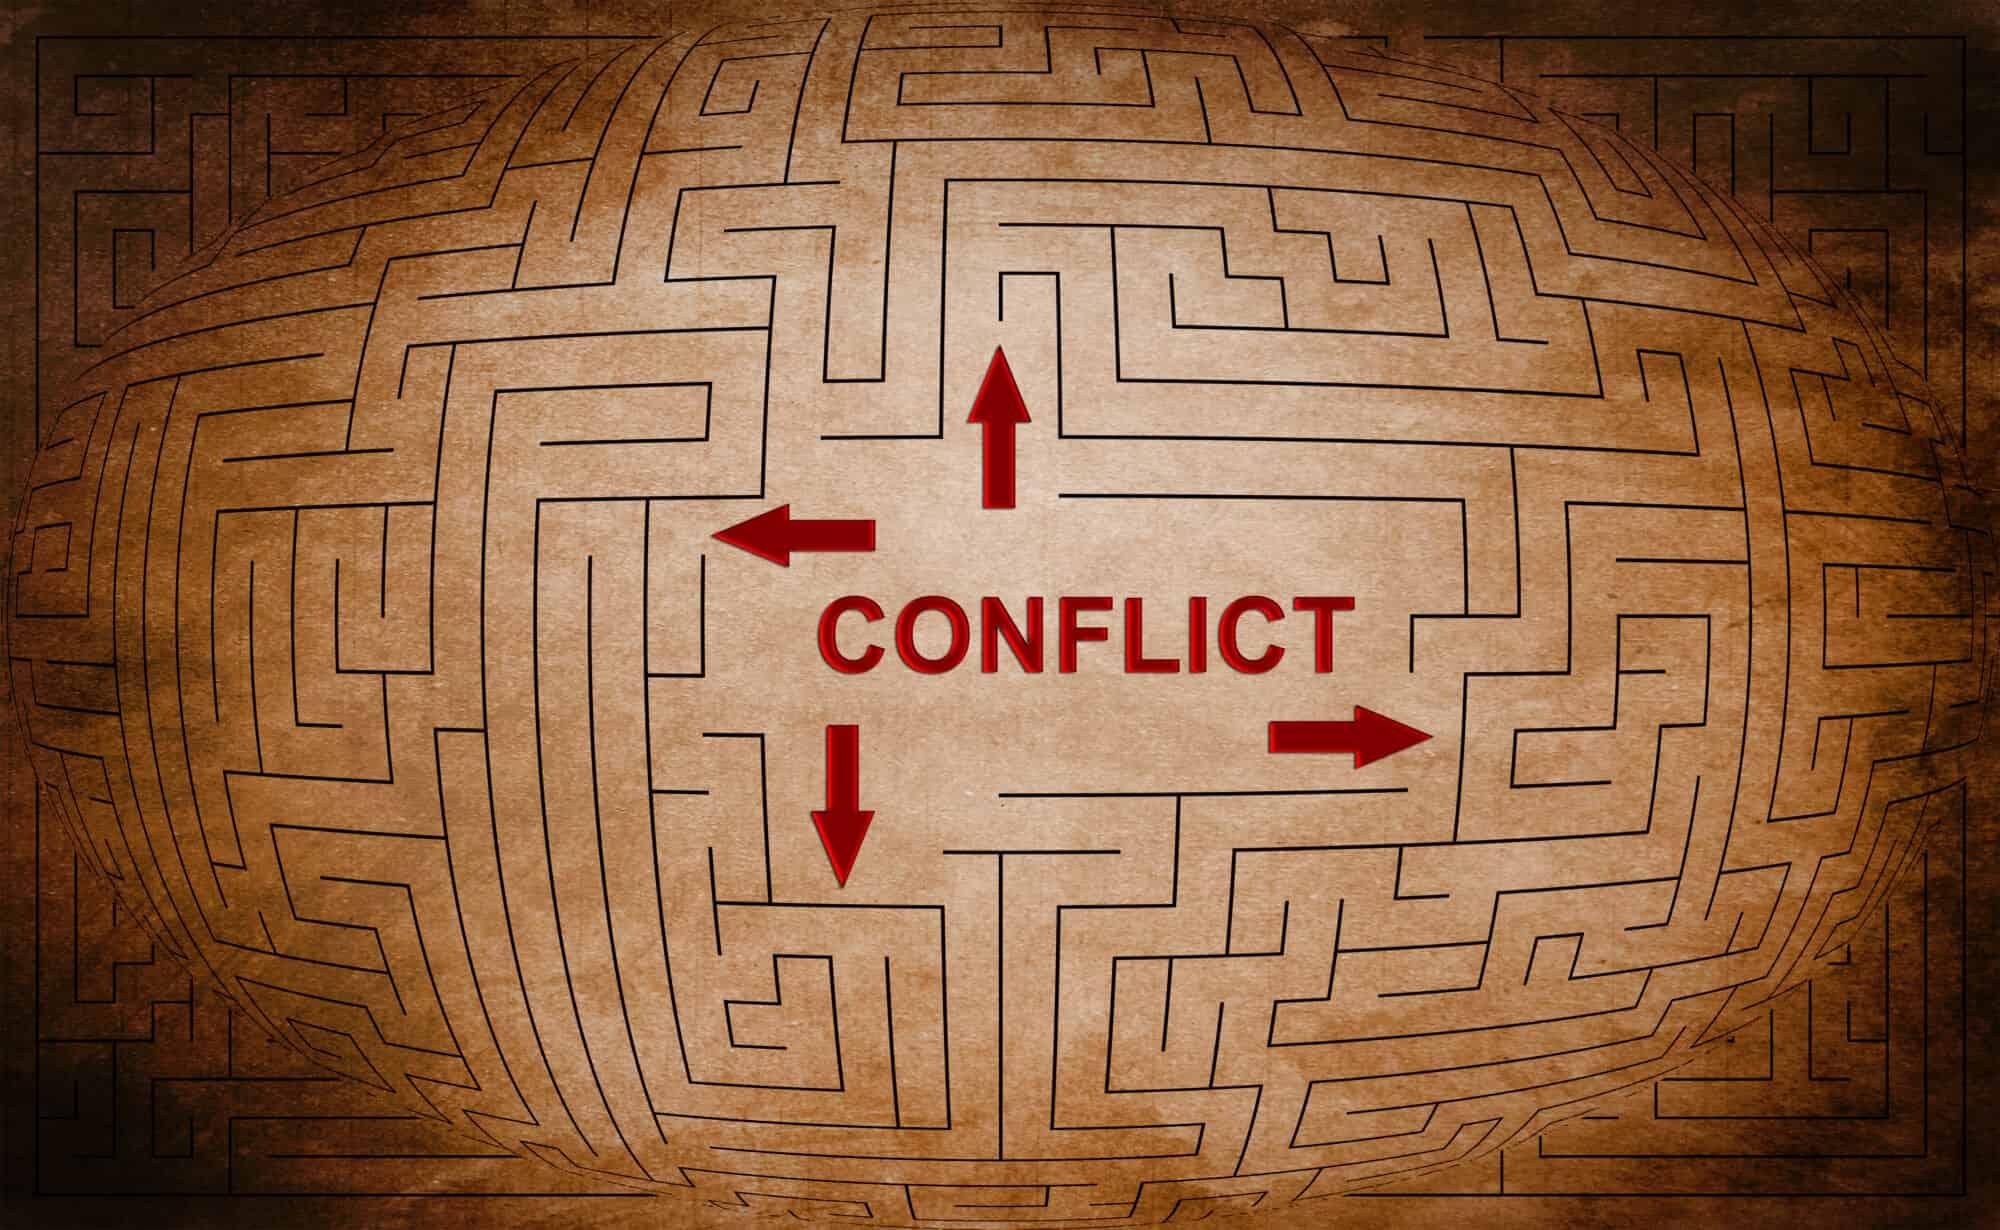 HRANICE, KONFLIKTY AHÁDKY aneb Jak si zdravě nastavit hranice aJak se úspěšně zvládat konflikty ahádky - Pavel Rataj aHonza Vojtko